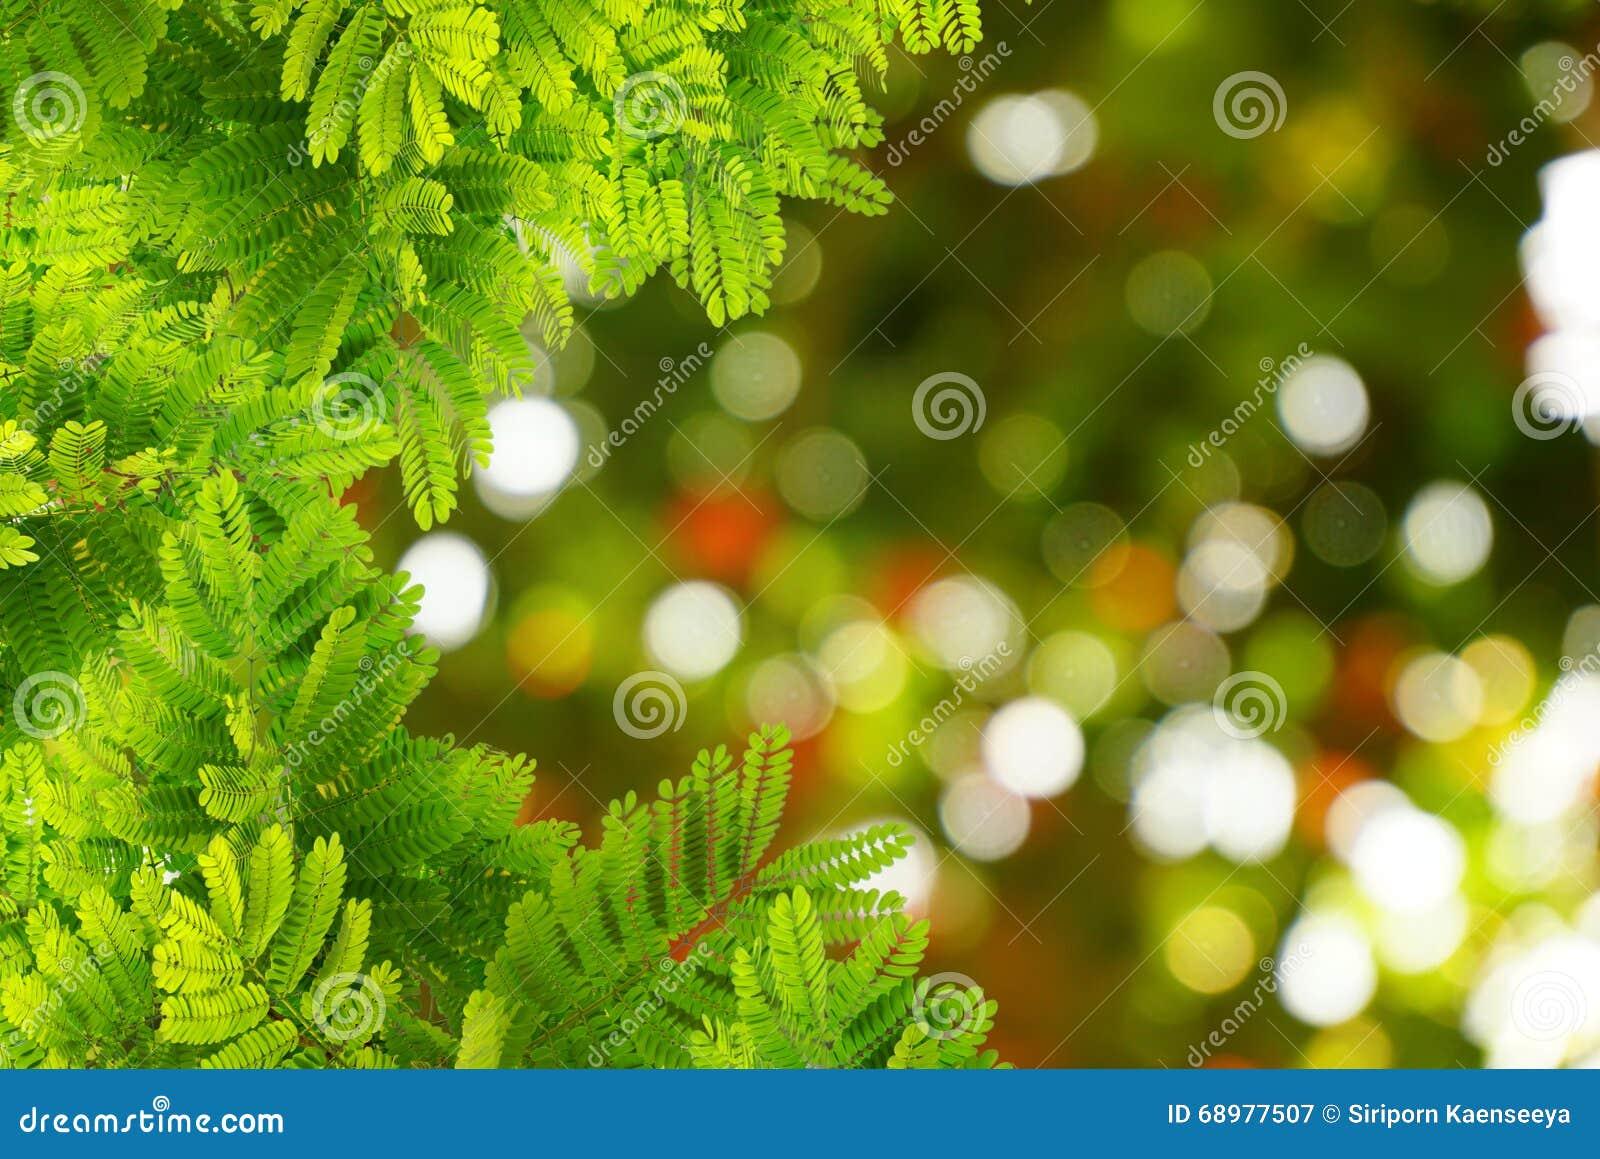 El verde natural deja la frontera con la primavera del bokeh de la falta de definición o el fondo del verano